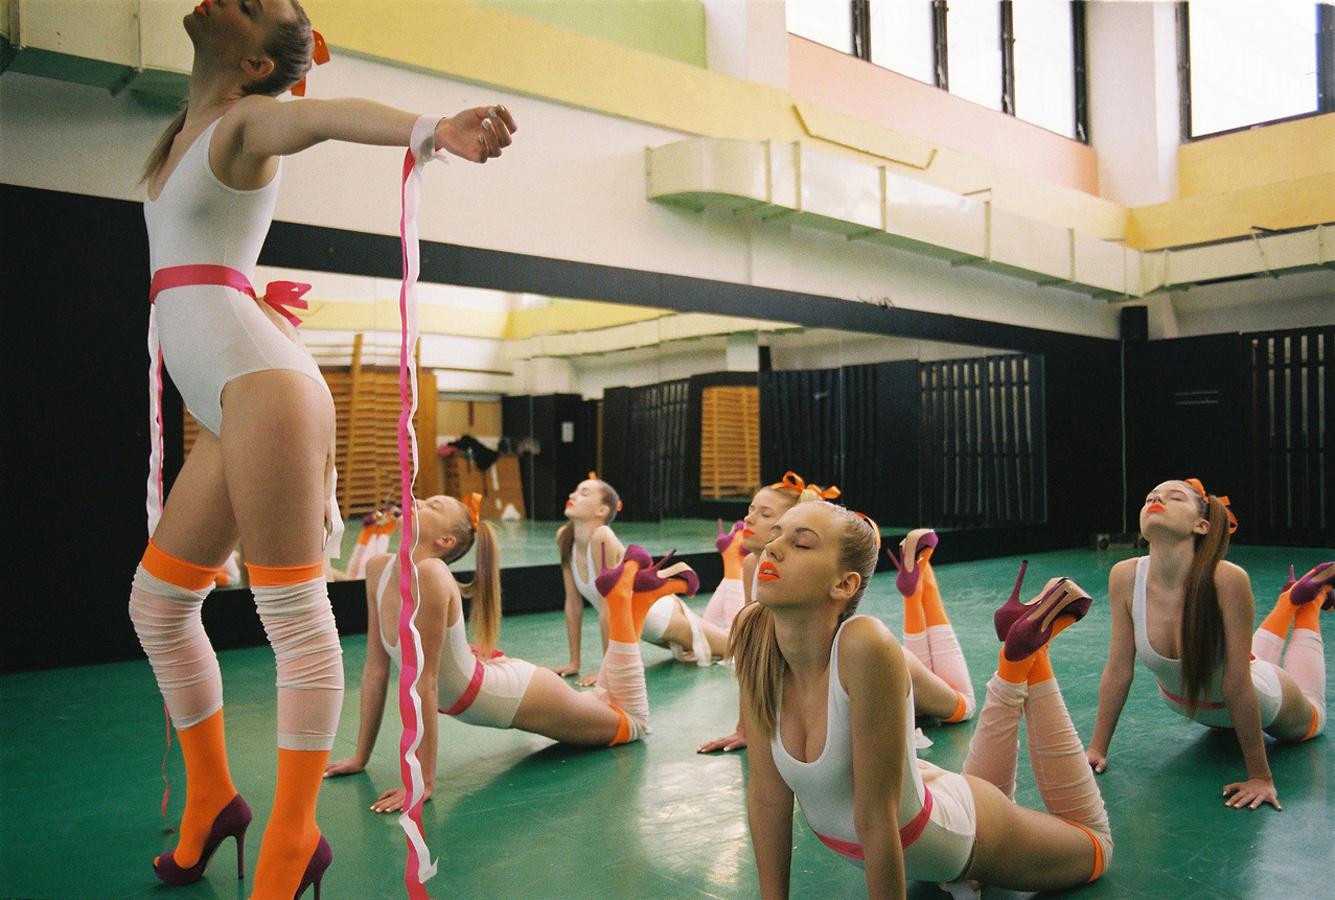 Приколы про девушек и гимнастки 13 фотография